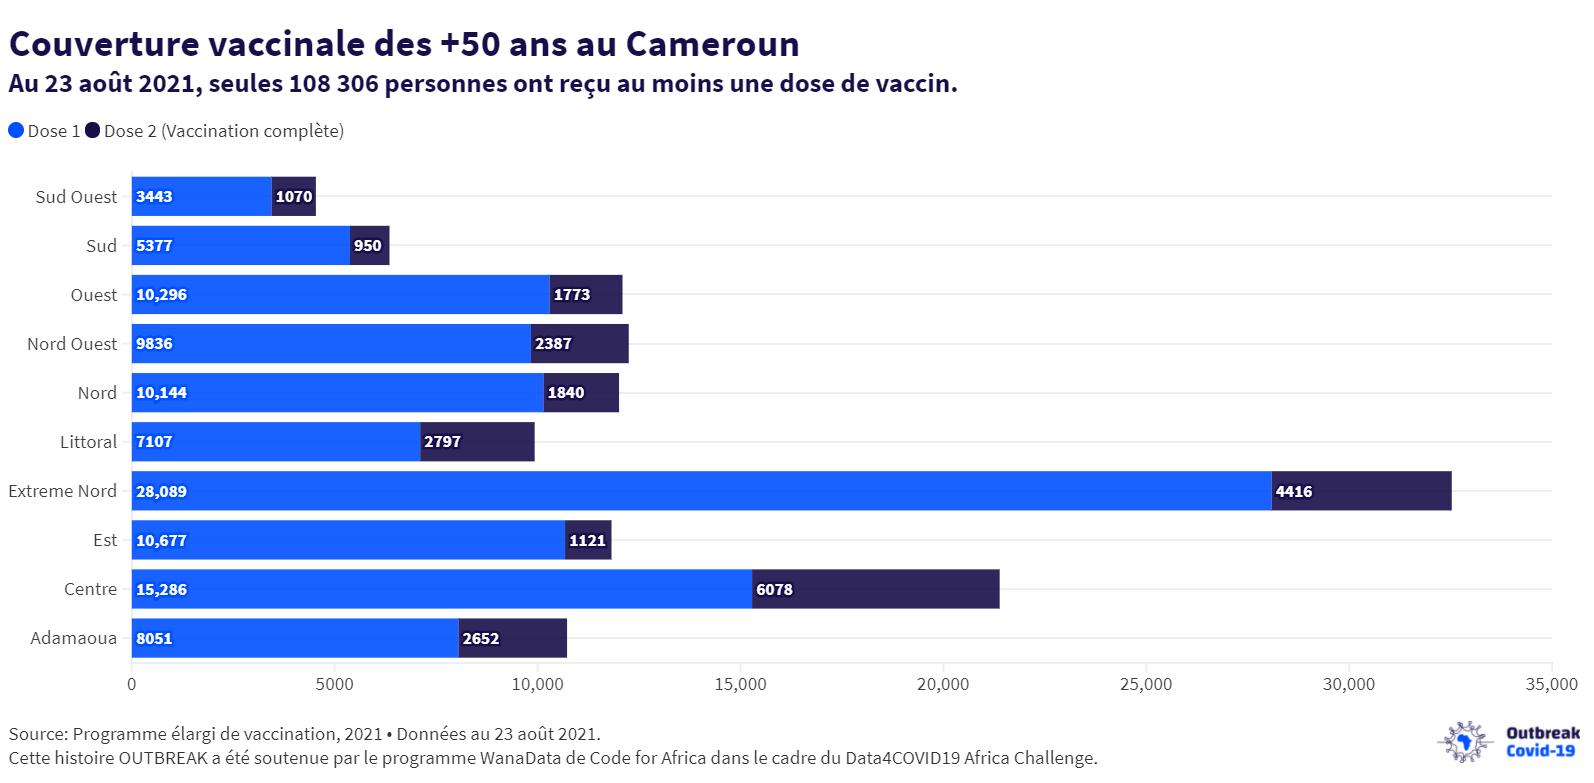 Covid-19 : Seulement 3,8% des personnes de plus de 50 ans vaccinées au Cameroun